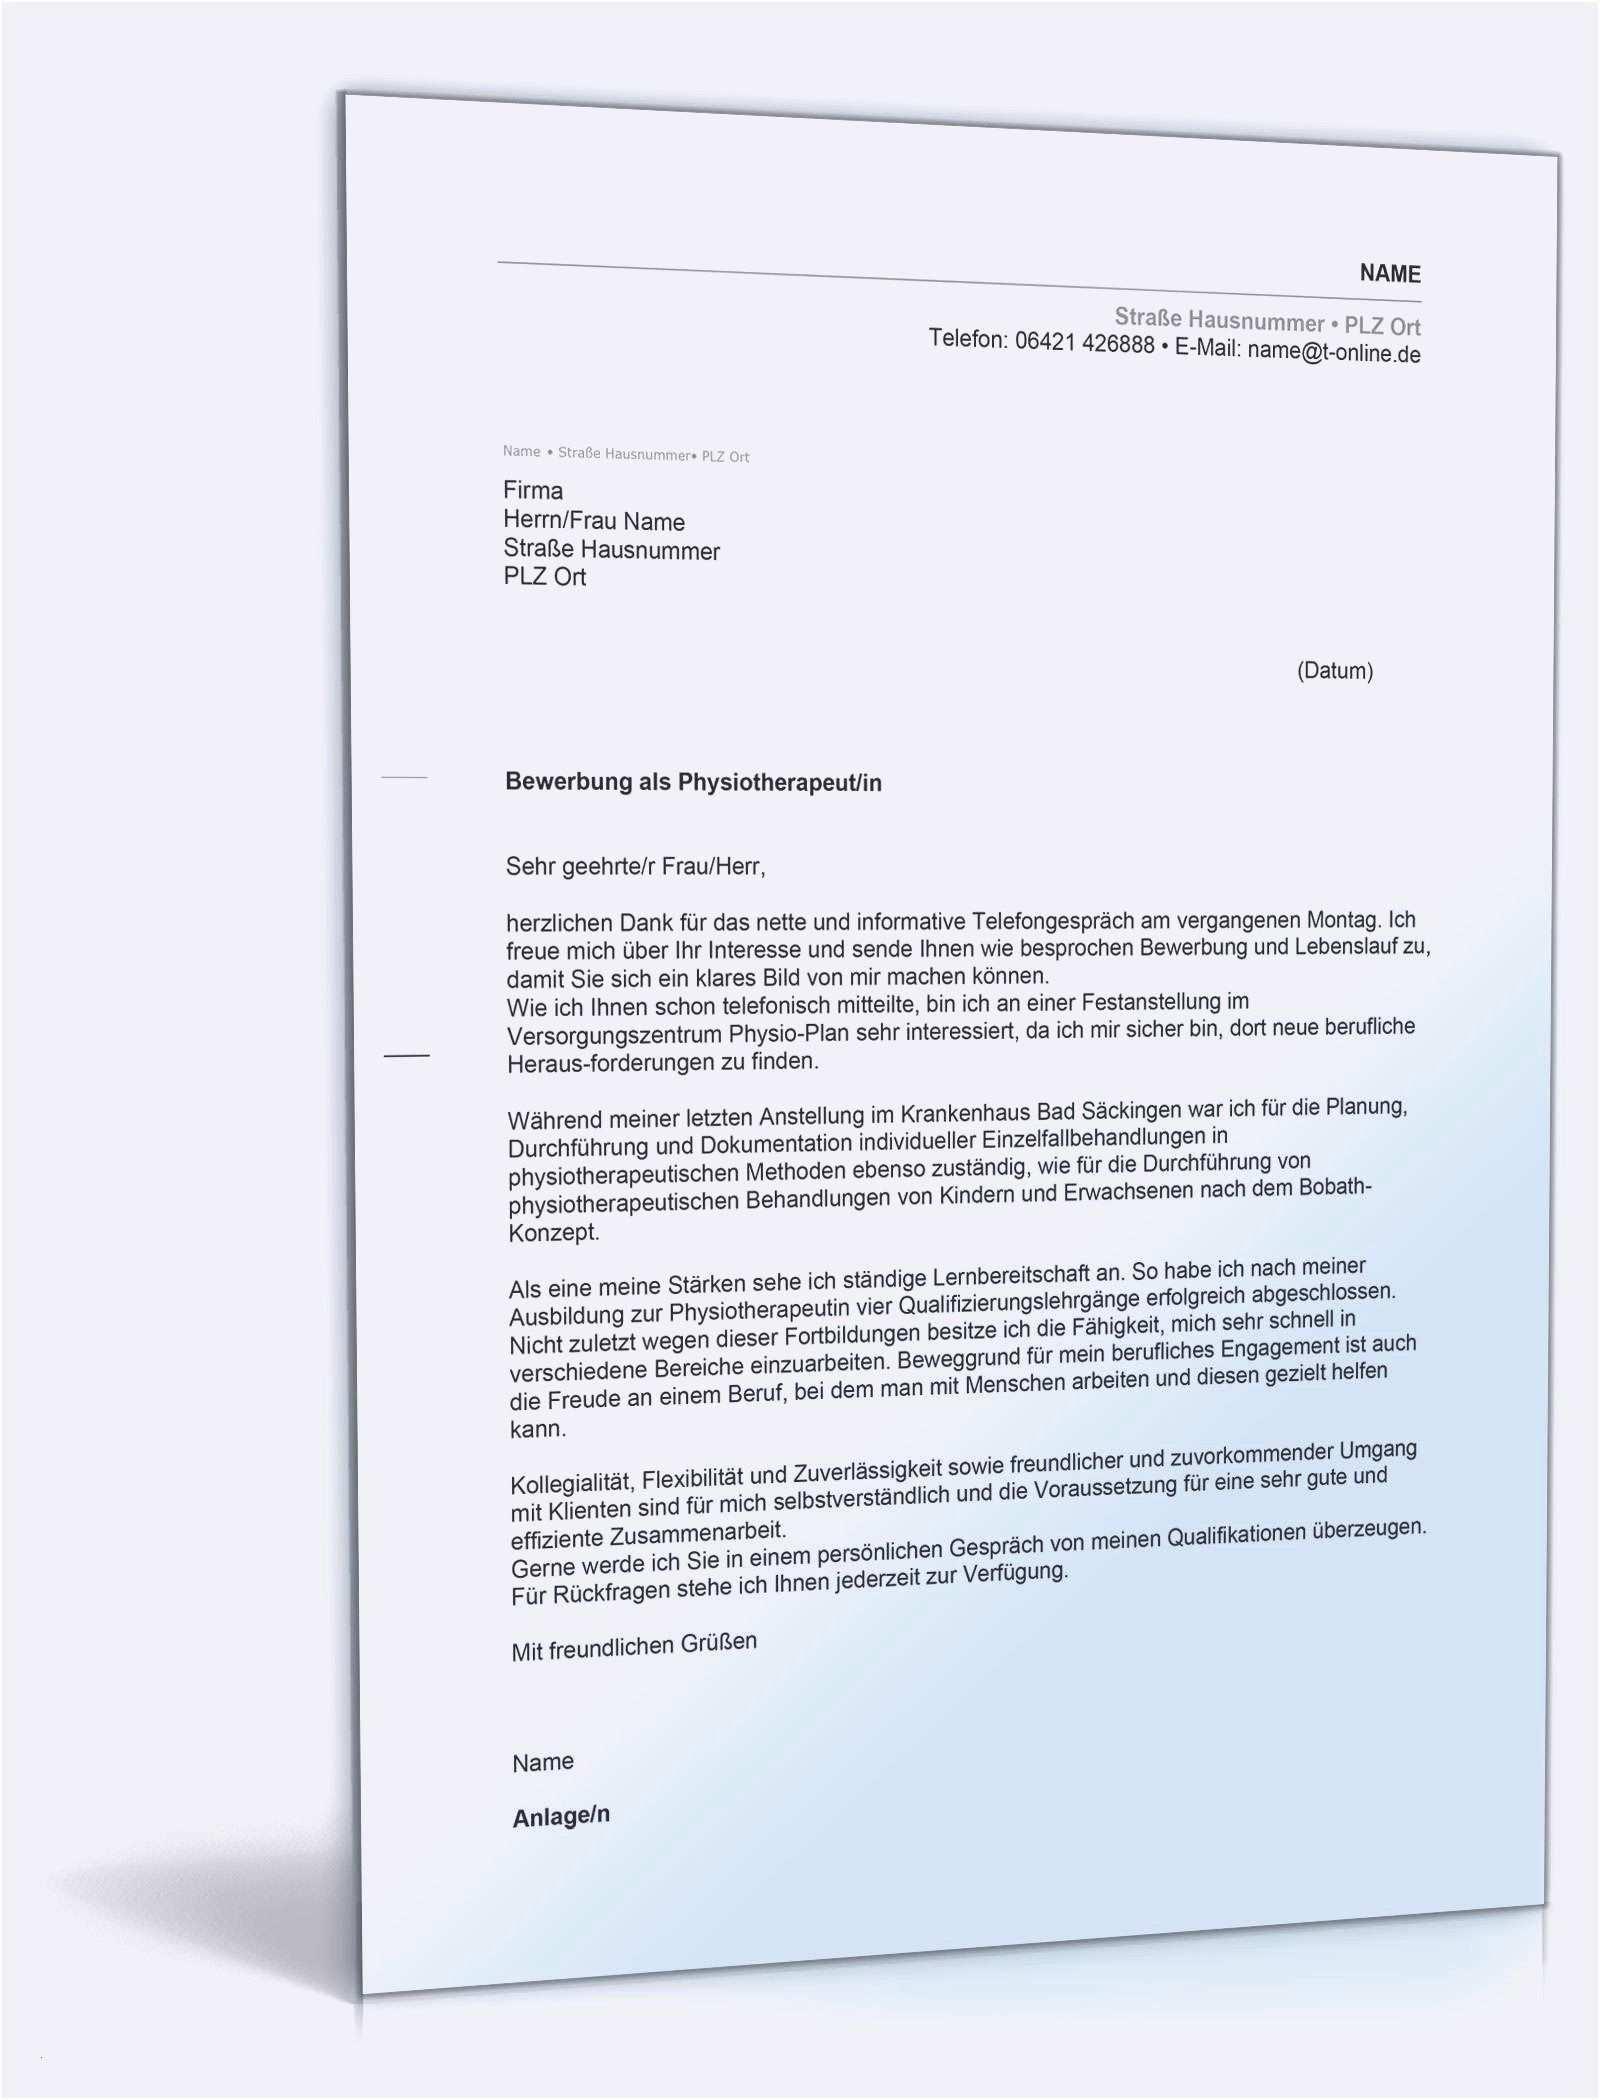 Neu Bewerbung Anschreiben Zeitarbeit Festanstellung Briefprobe Briefformat Briefvorlage Anschreiben Vorlage Lebenslauf Bewerbung Schreiben